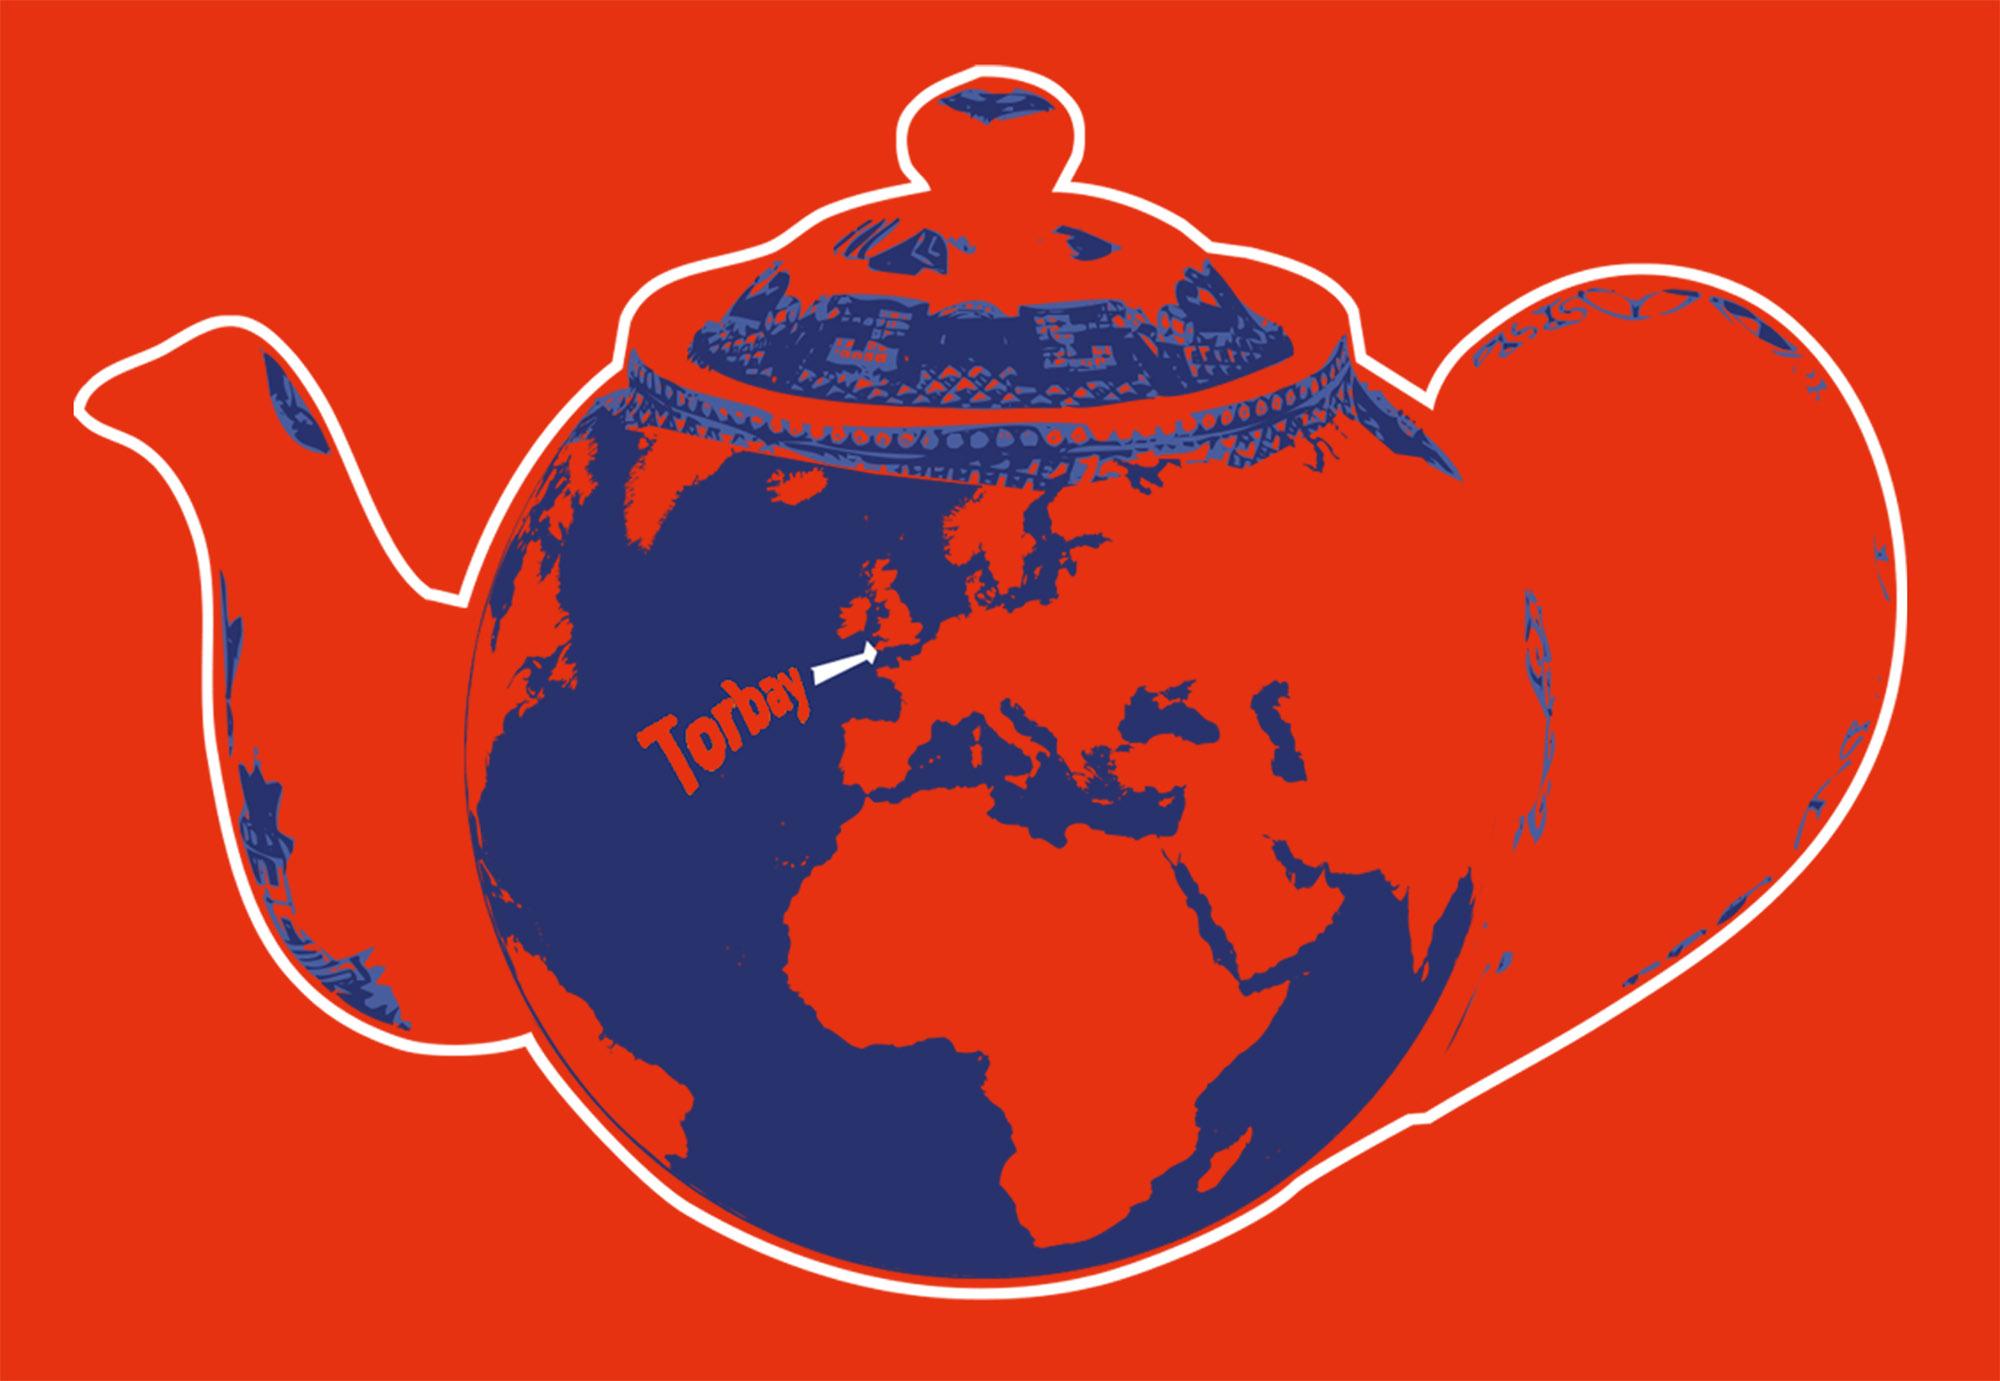 Ageing Well teapot world